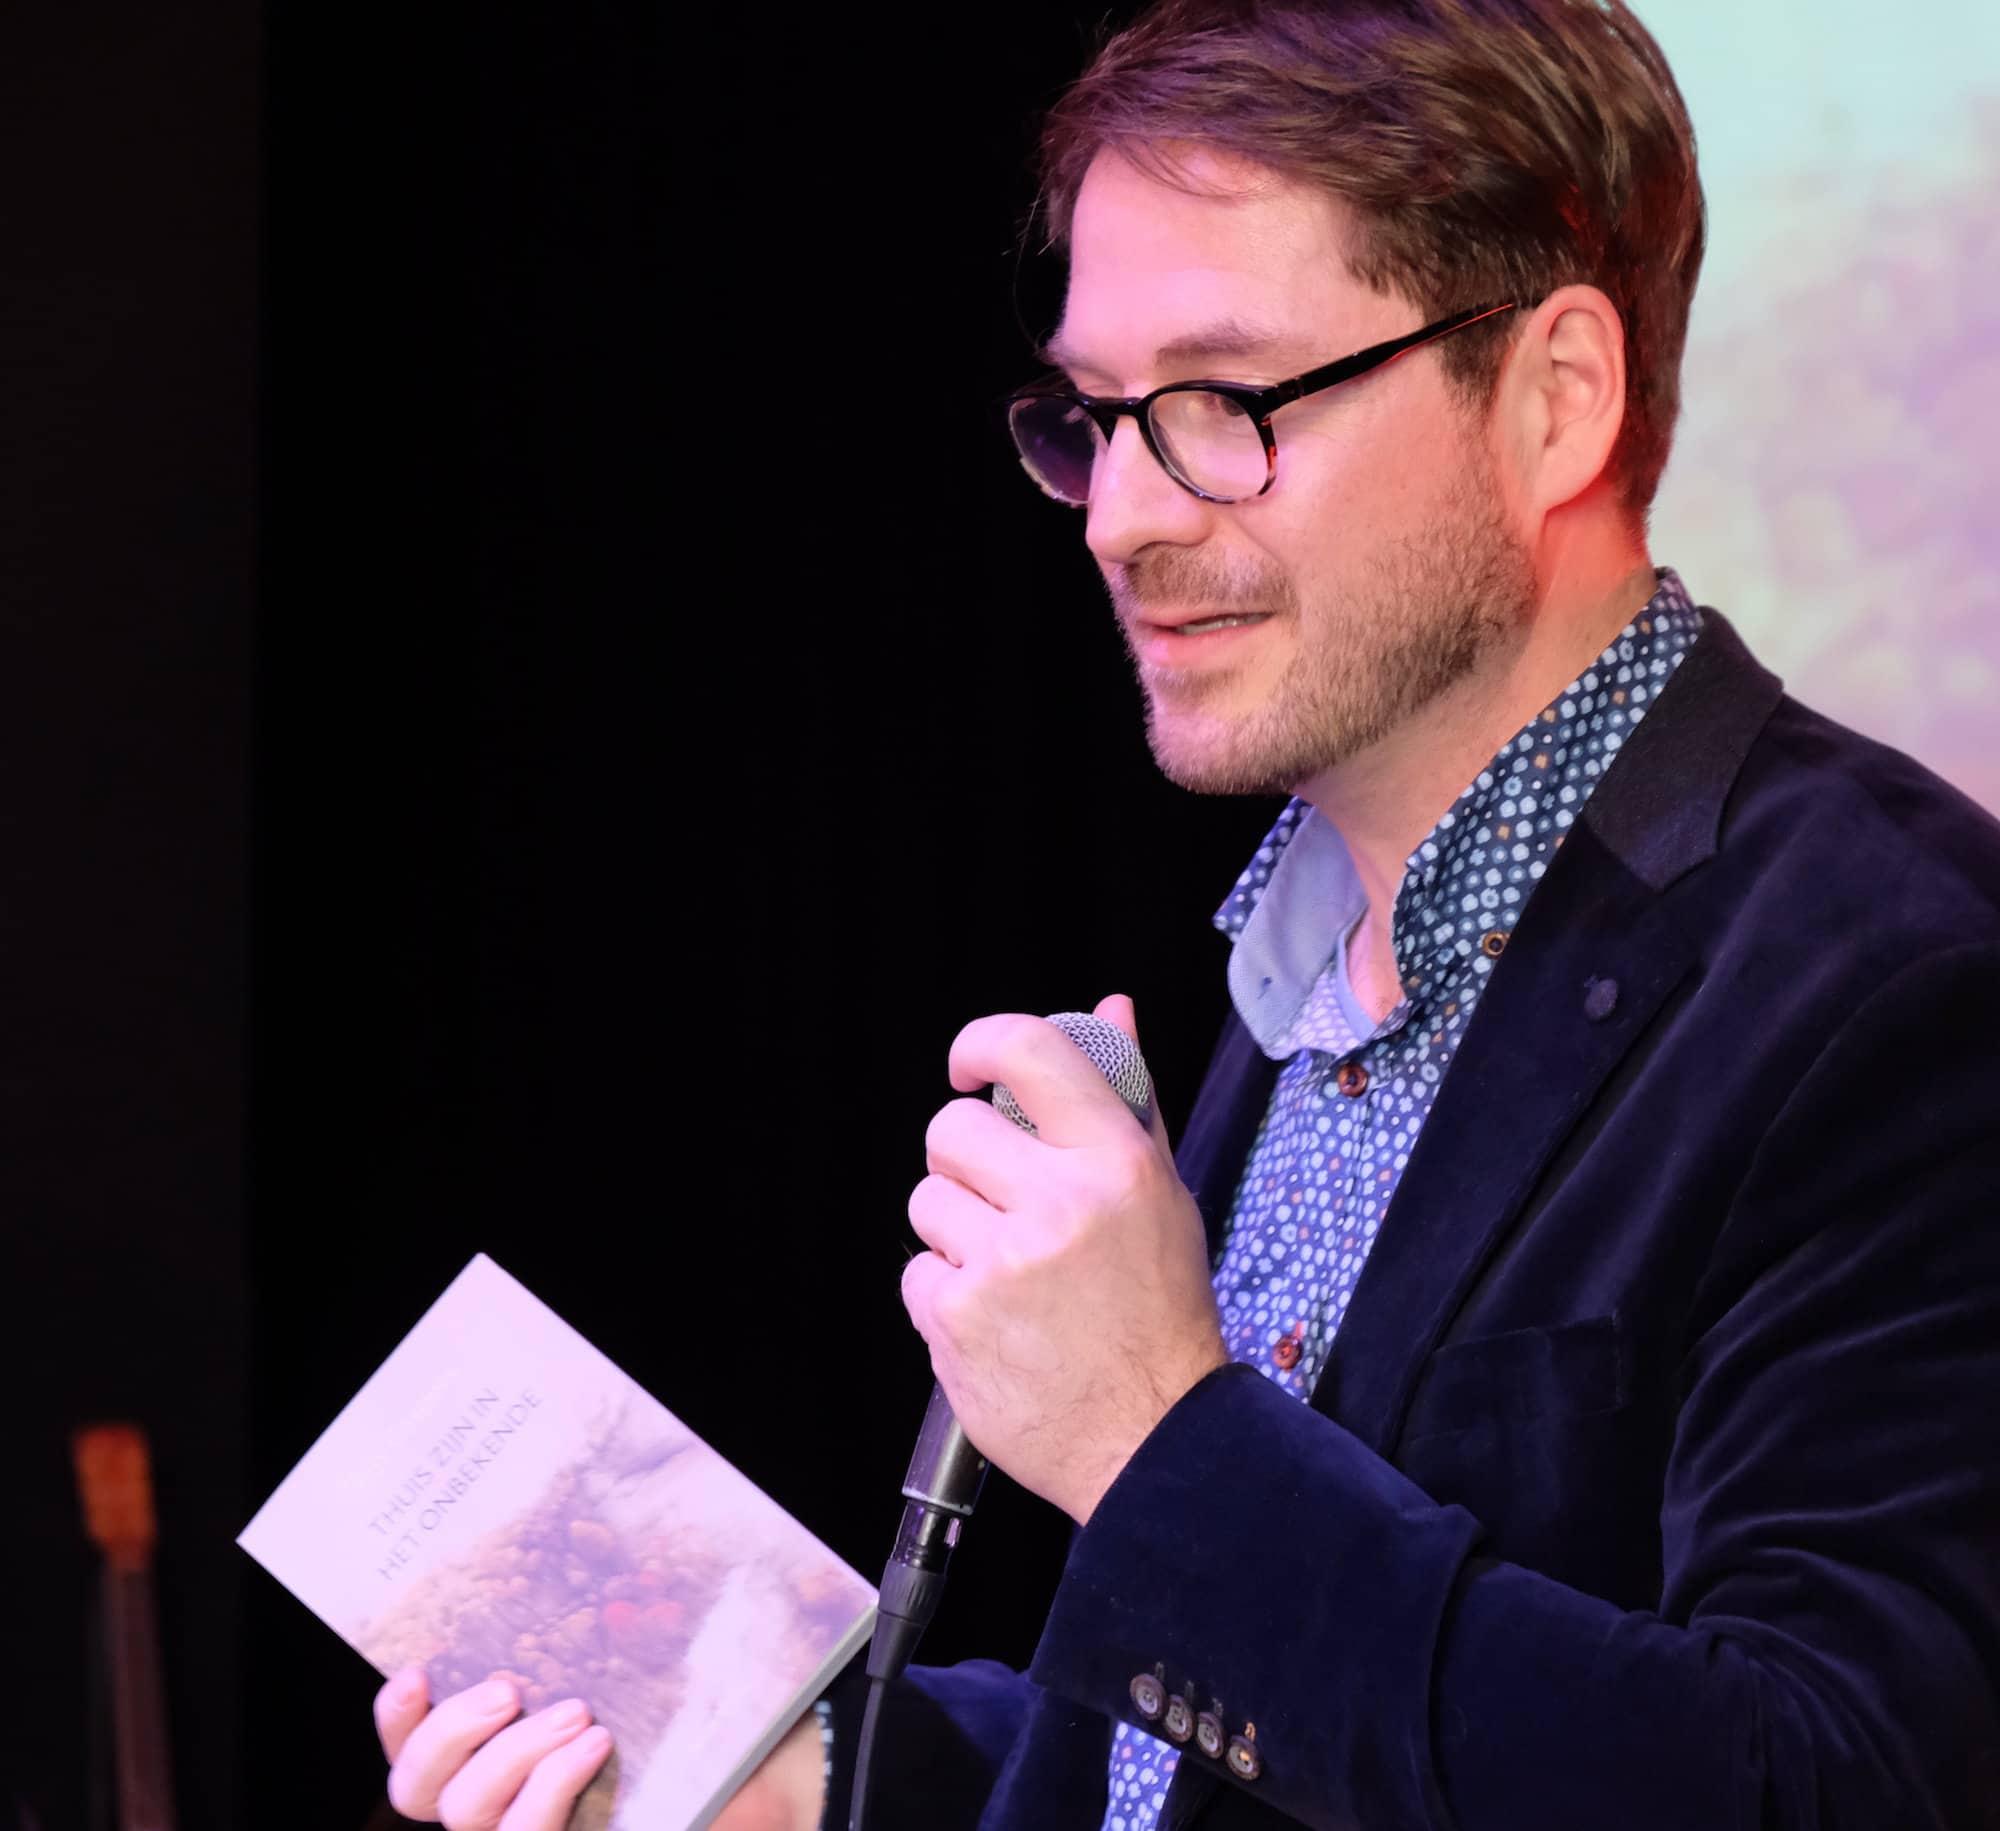 Thijs Caspers boekpresentatie 2 maart 2018-2